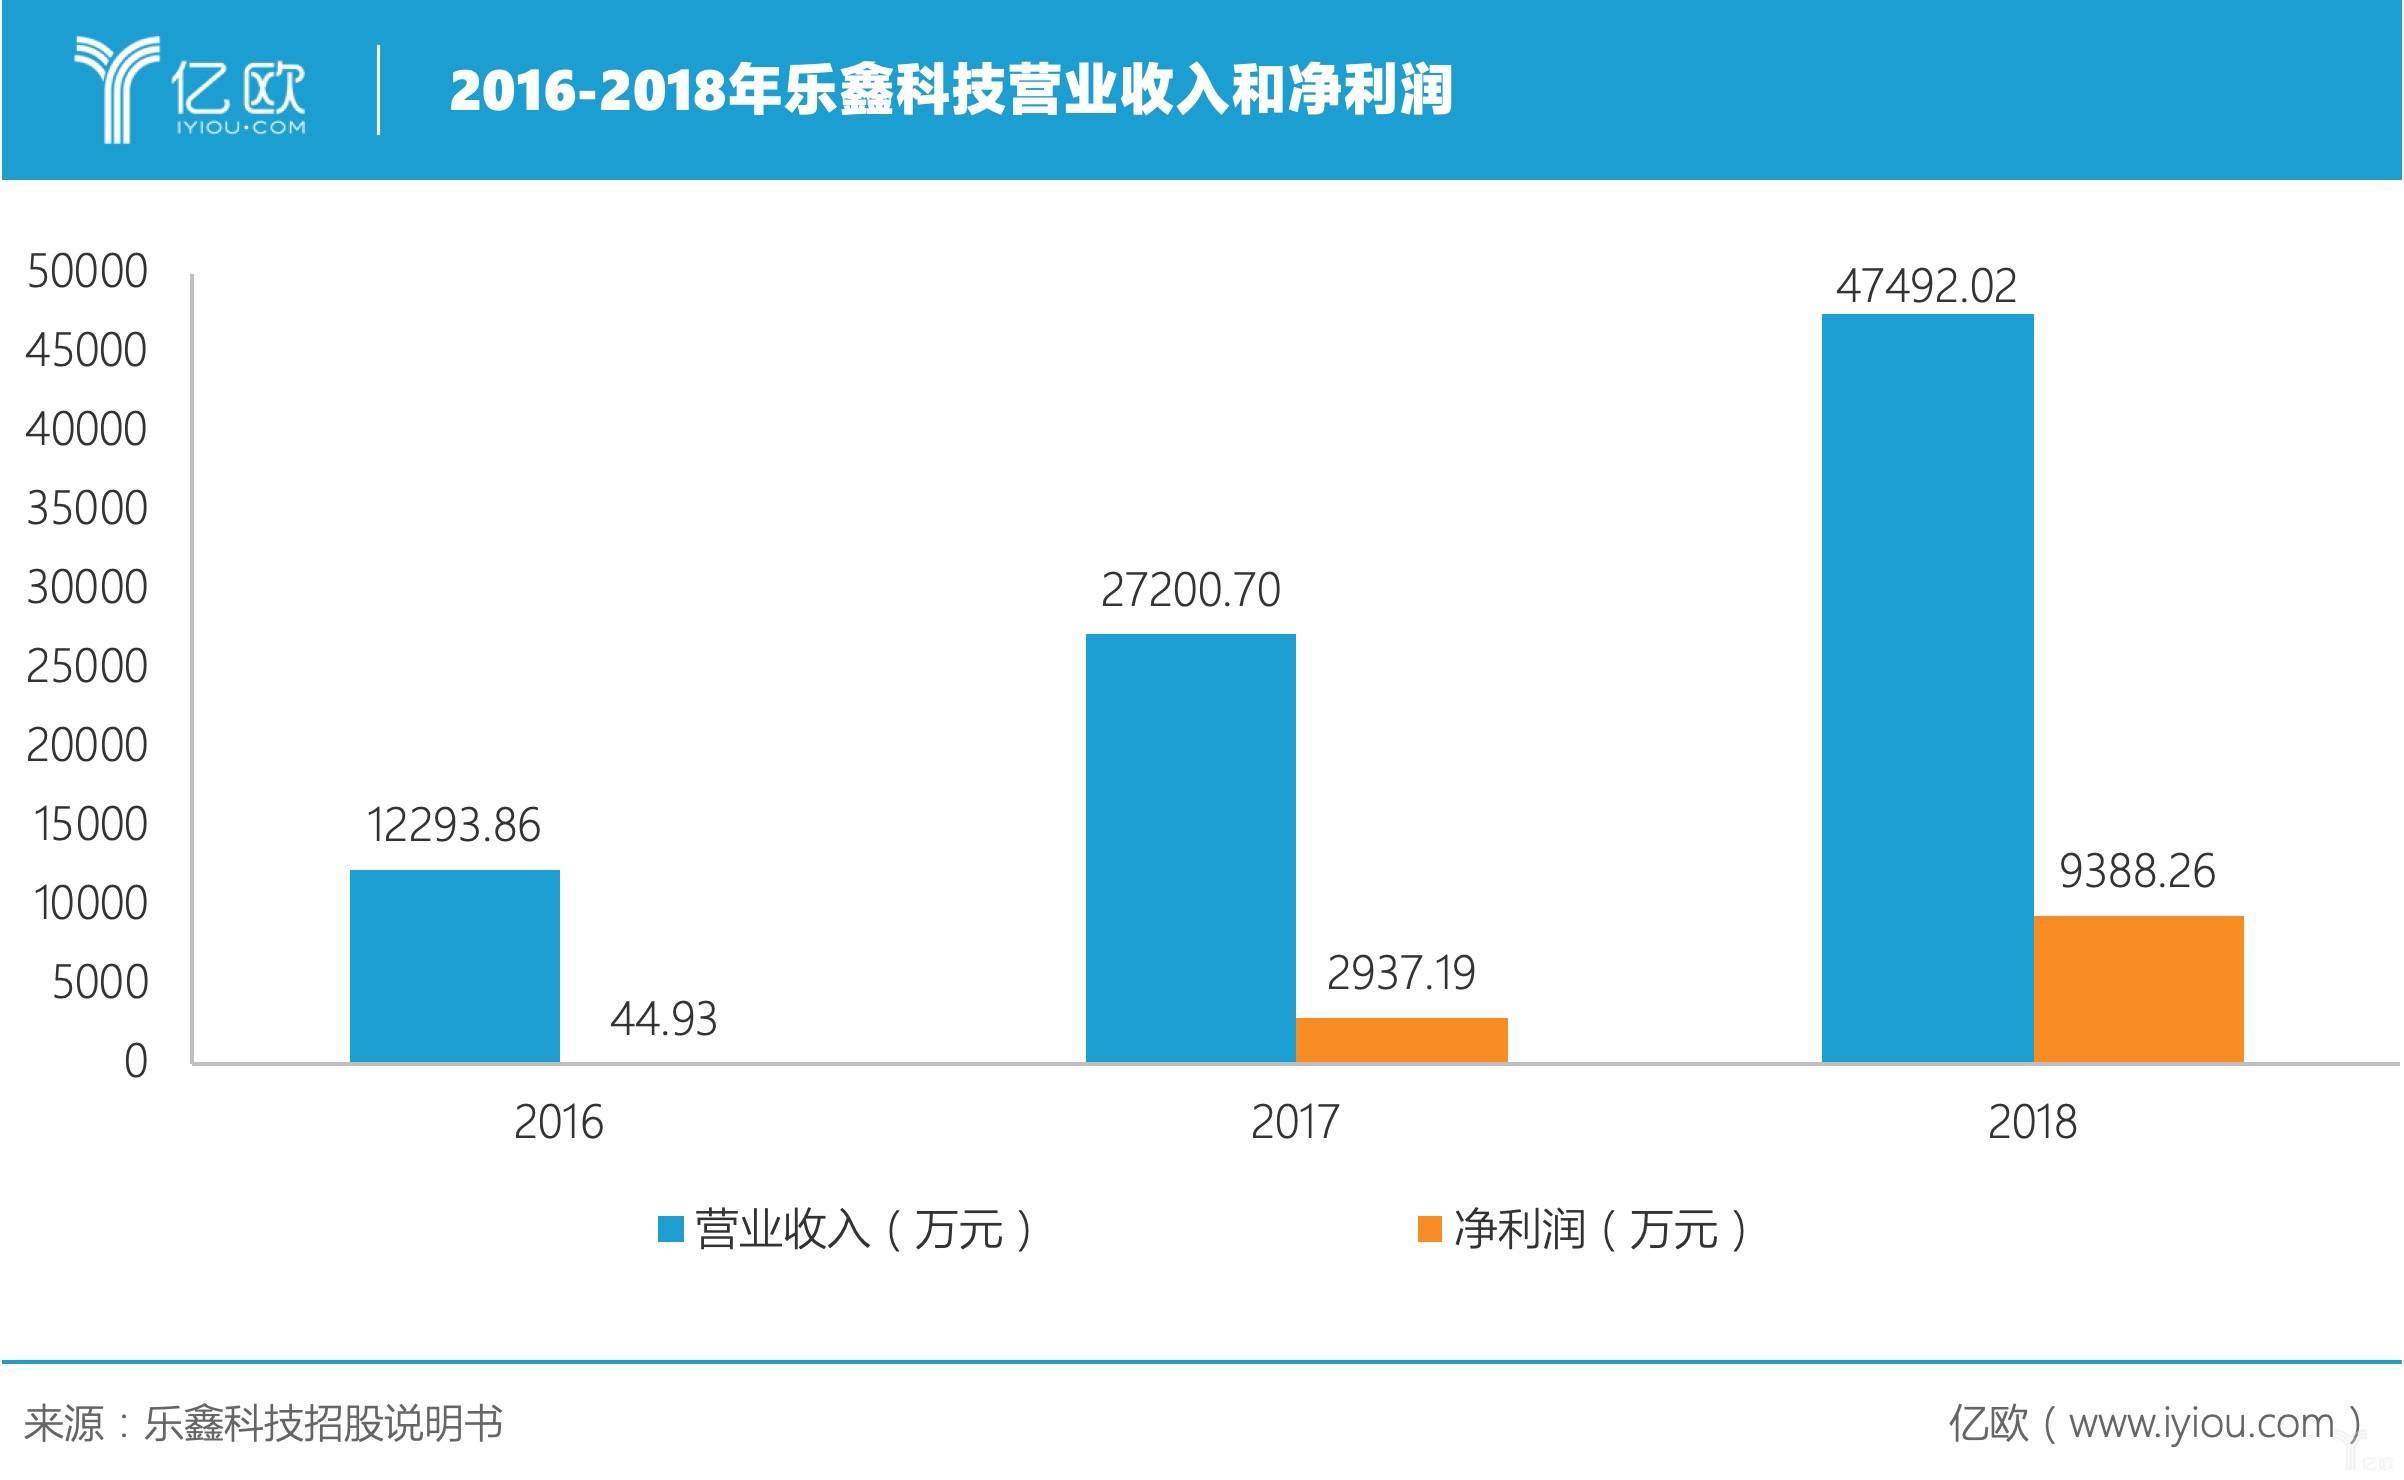 2016-2018年乐鑫科技营业收入和净利润.jpeg